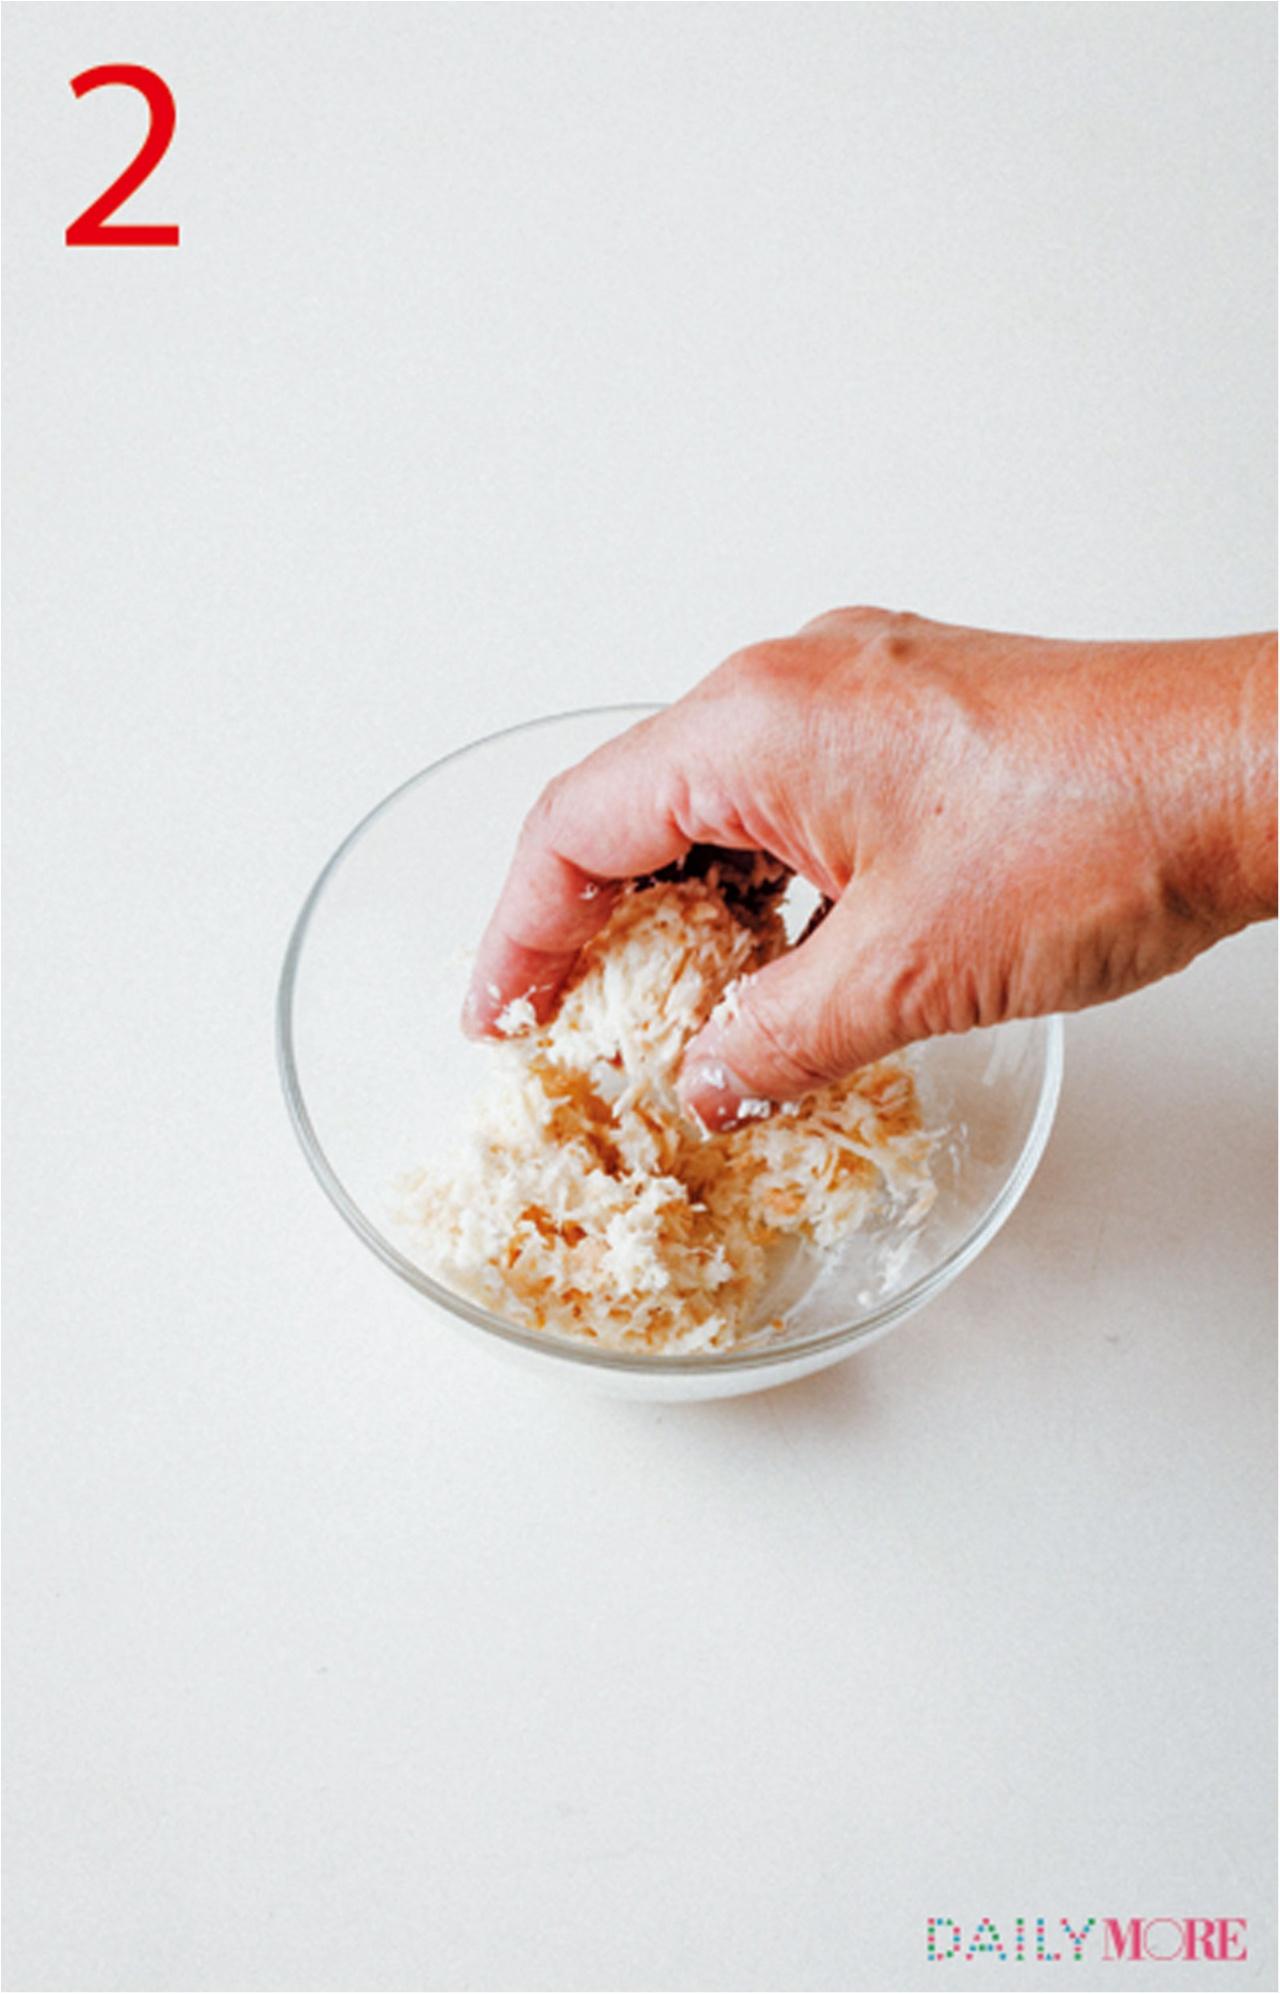 これぞ結婚できるハンバーグ!?  覚えておきたい『世界一おいしい♡ 基本のハンバーグ』レシピ_5